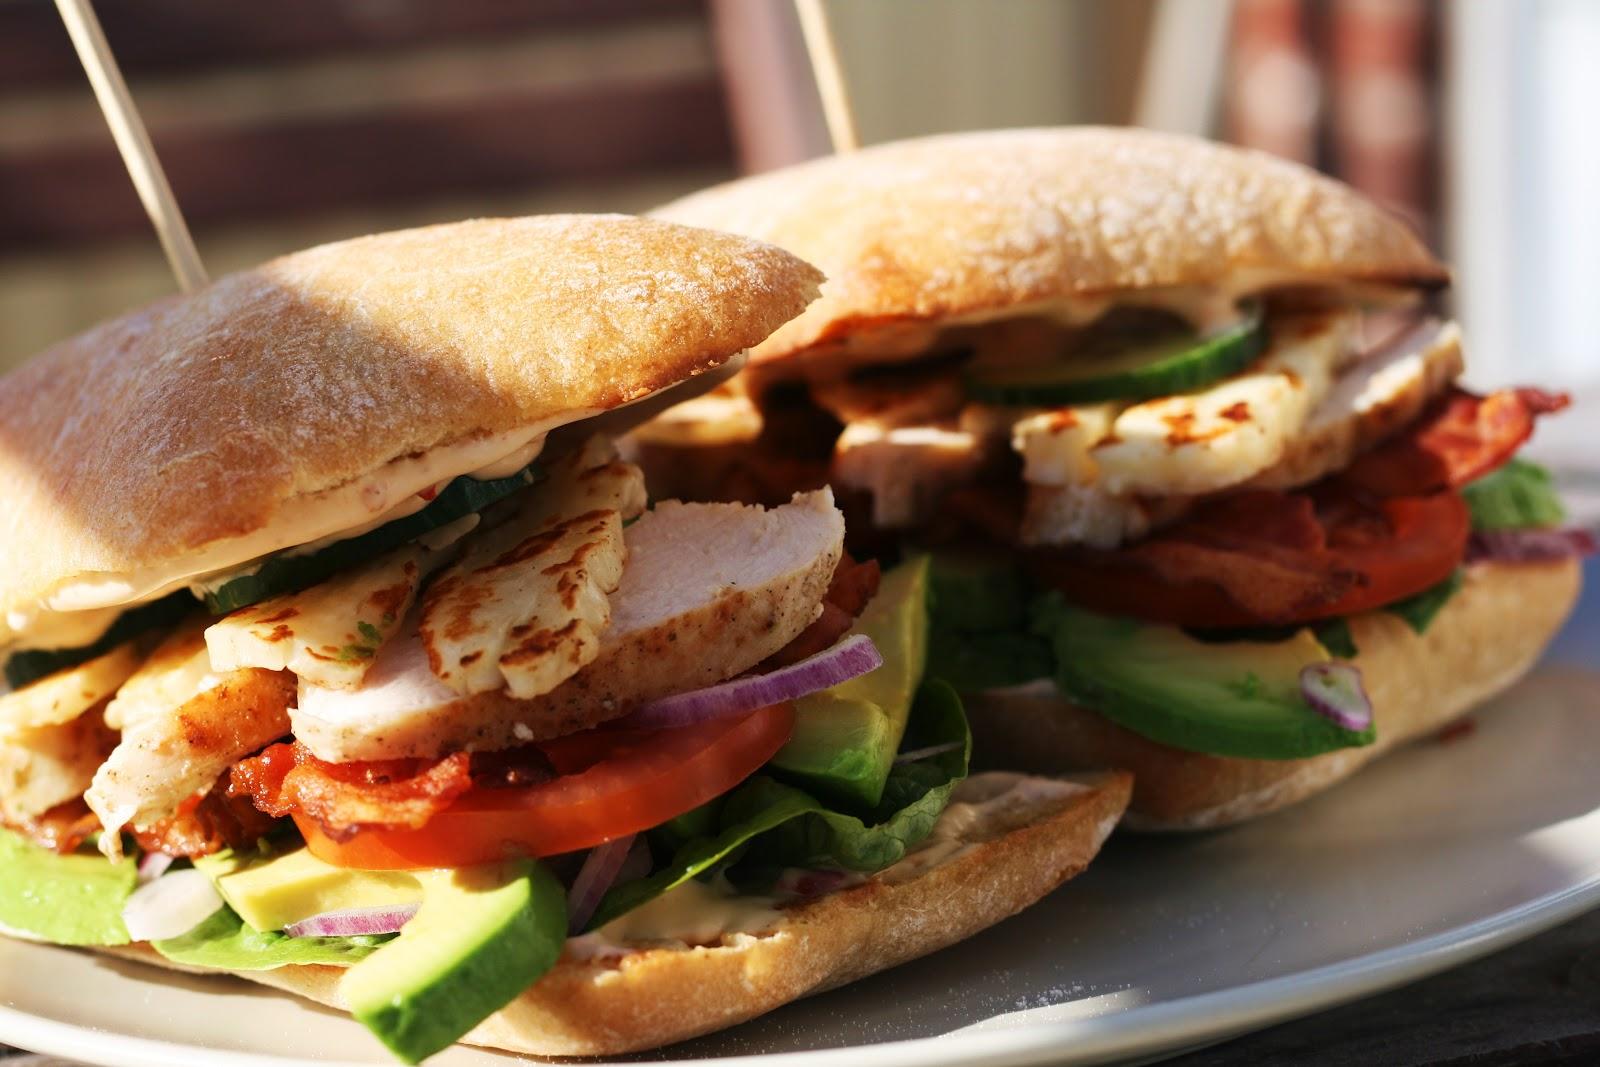 Sandwichficken